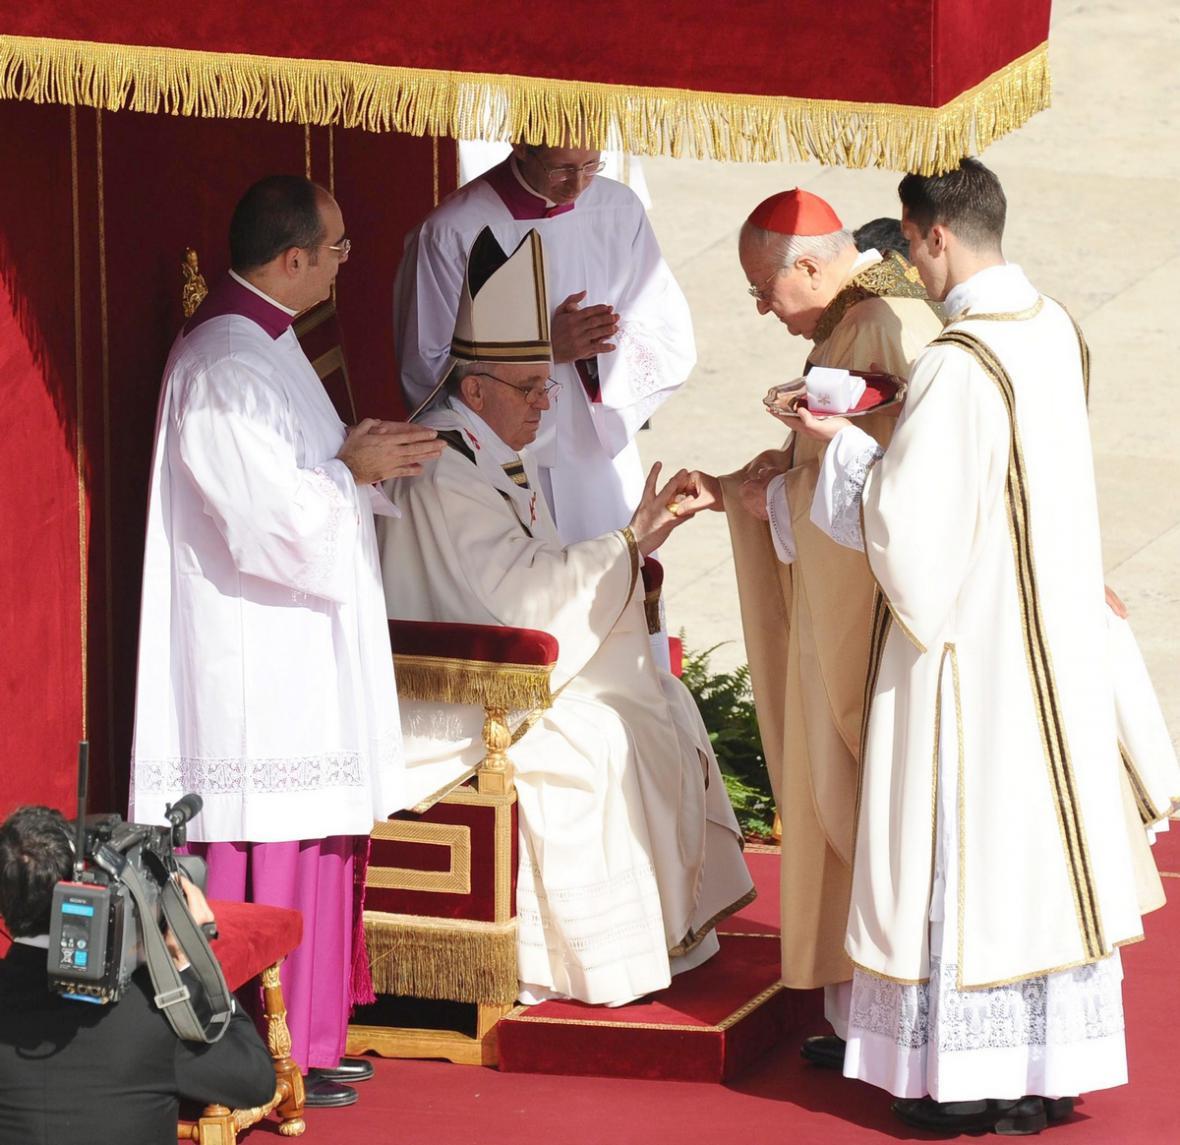 František přijímá papežský prsten